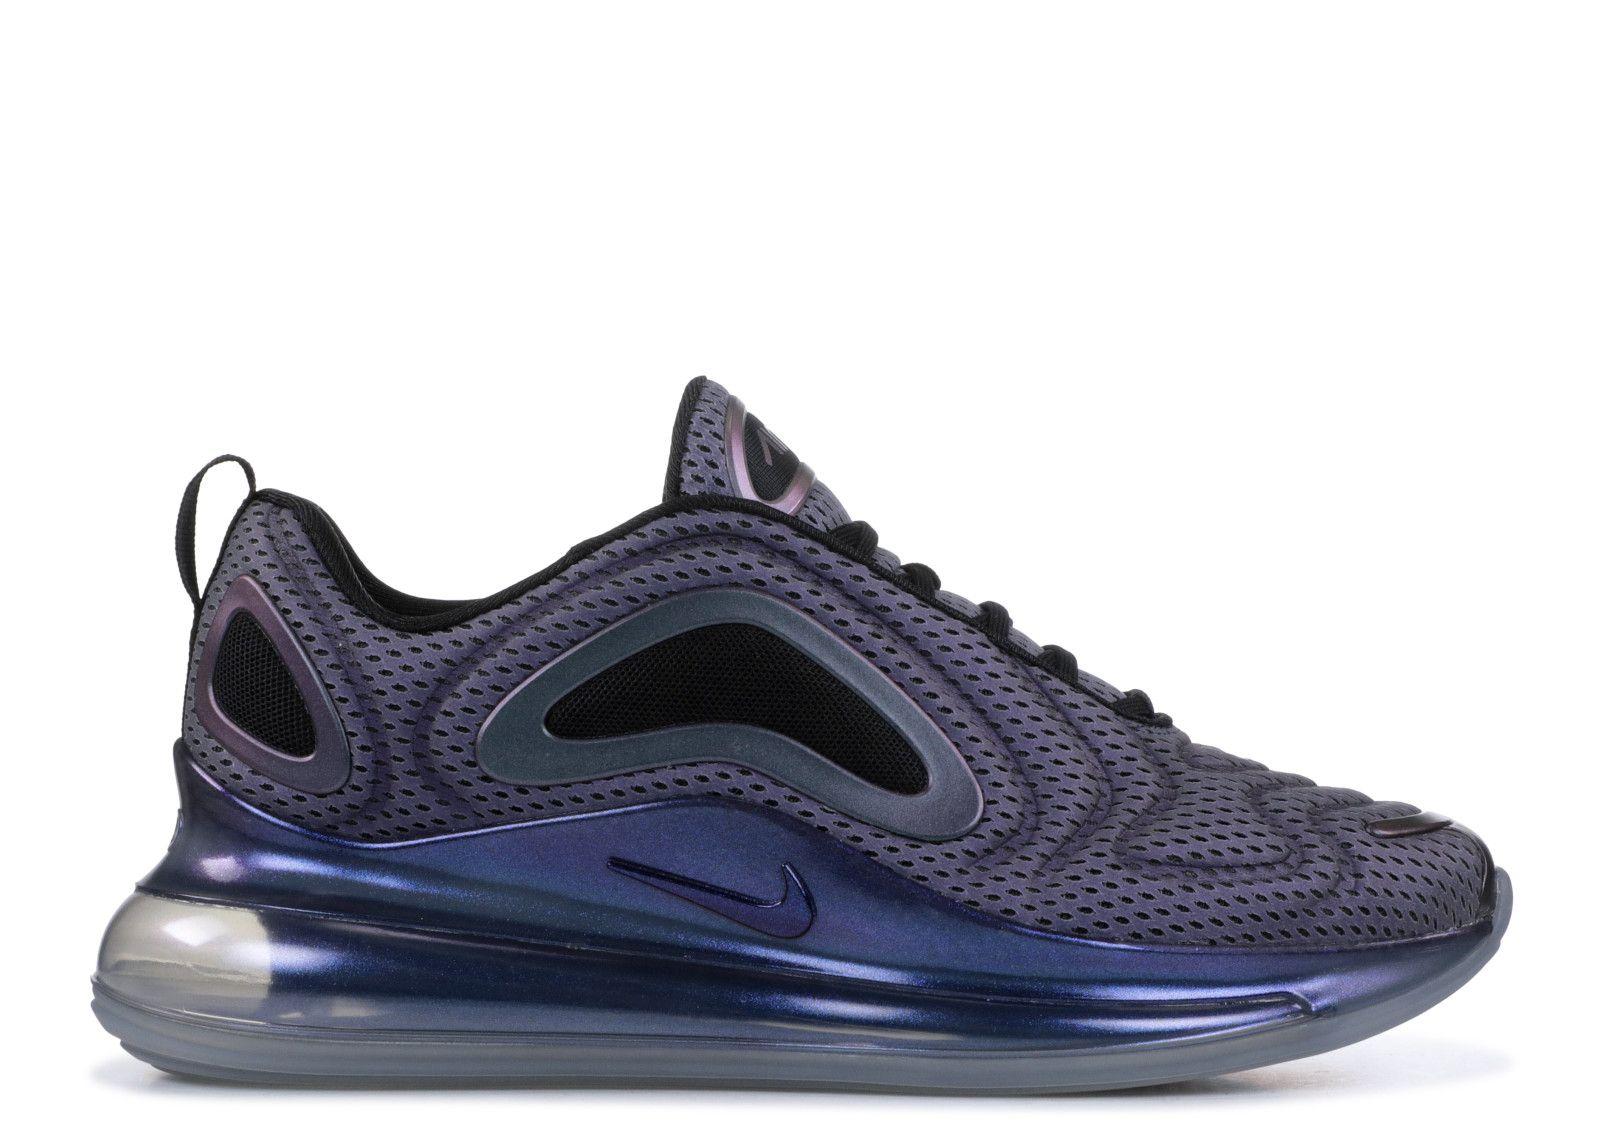 Air Max 720 Nike ao2924 001 metallic silver/black